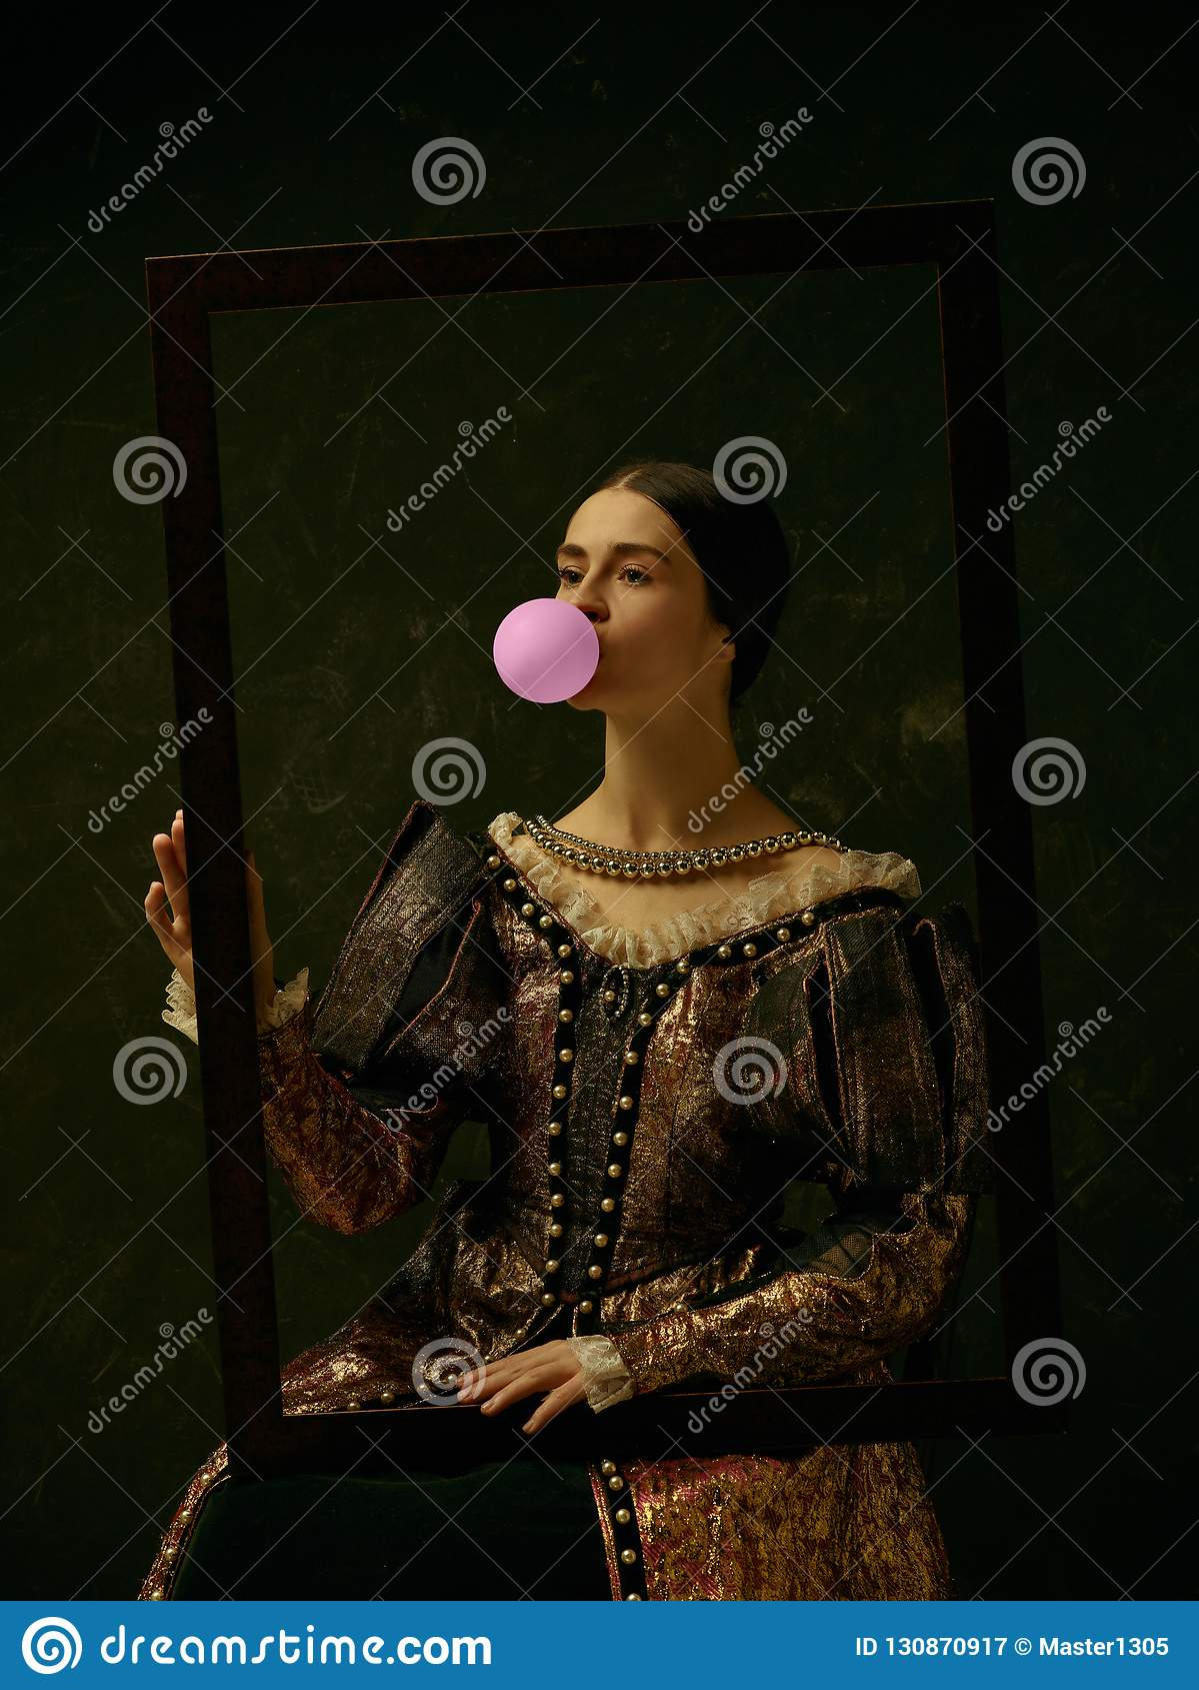 Porträt eines Mädchens, das ein Retro- Prinzessin- oder Gräfinkleid trägt